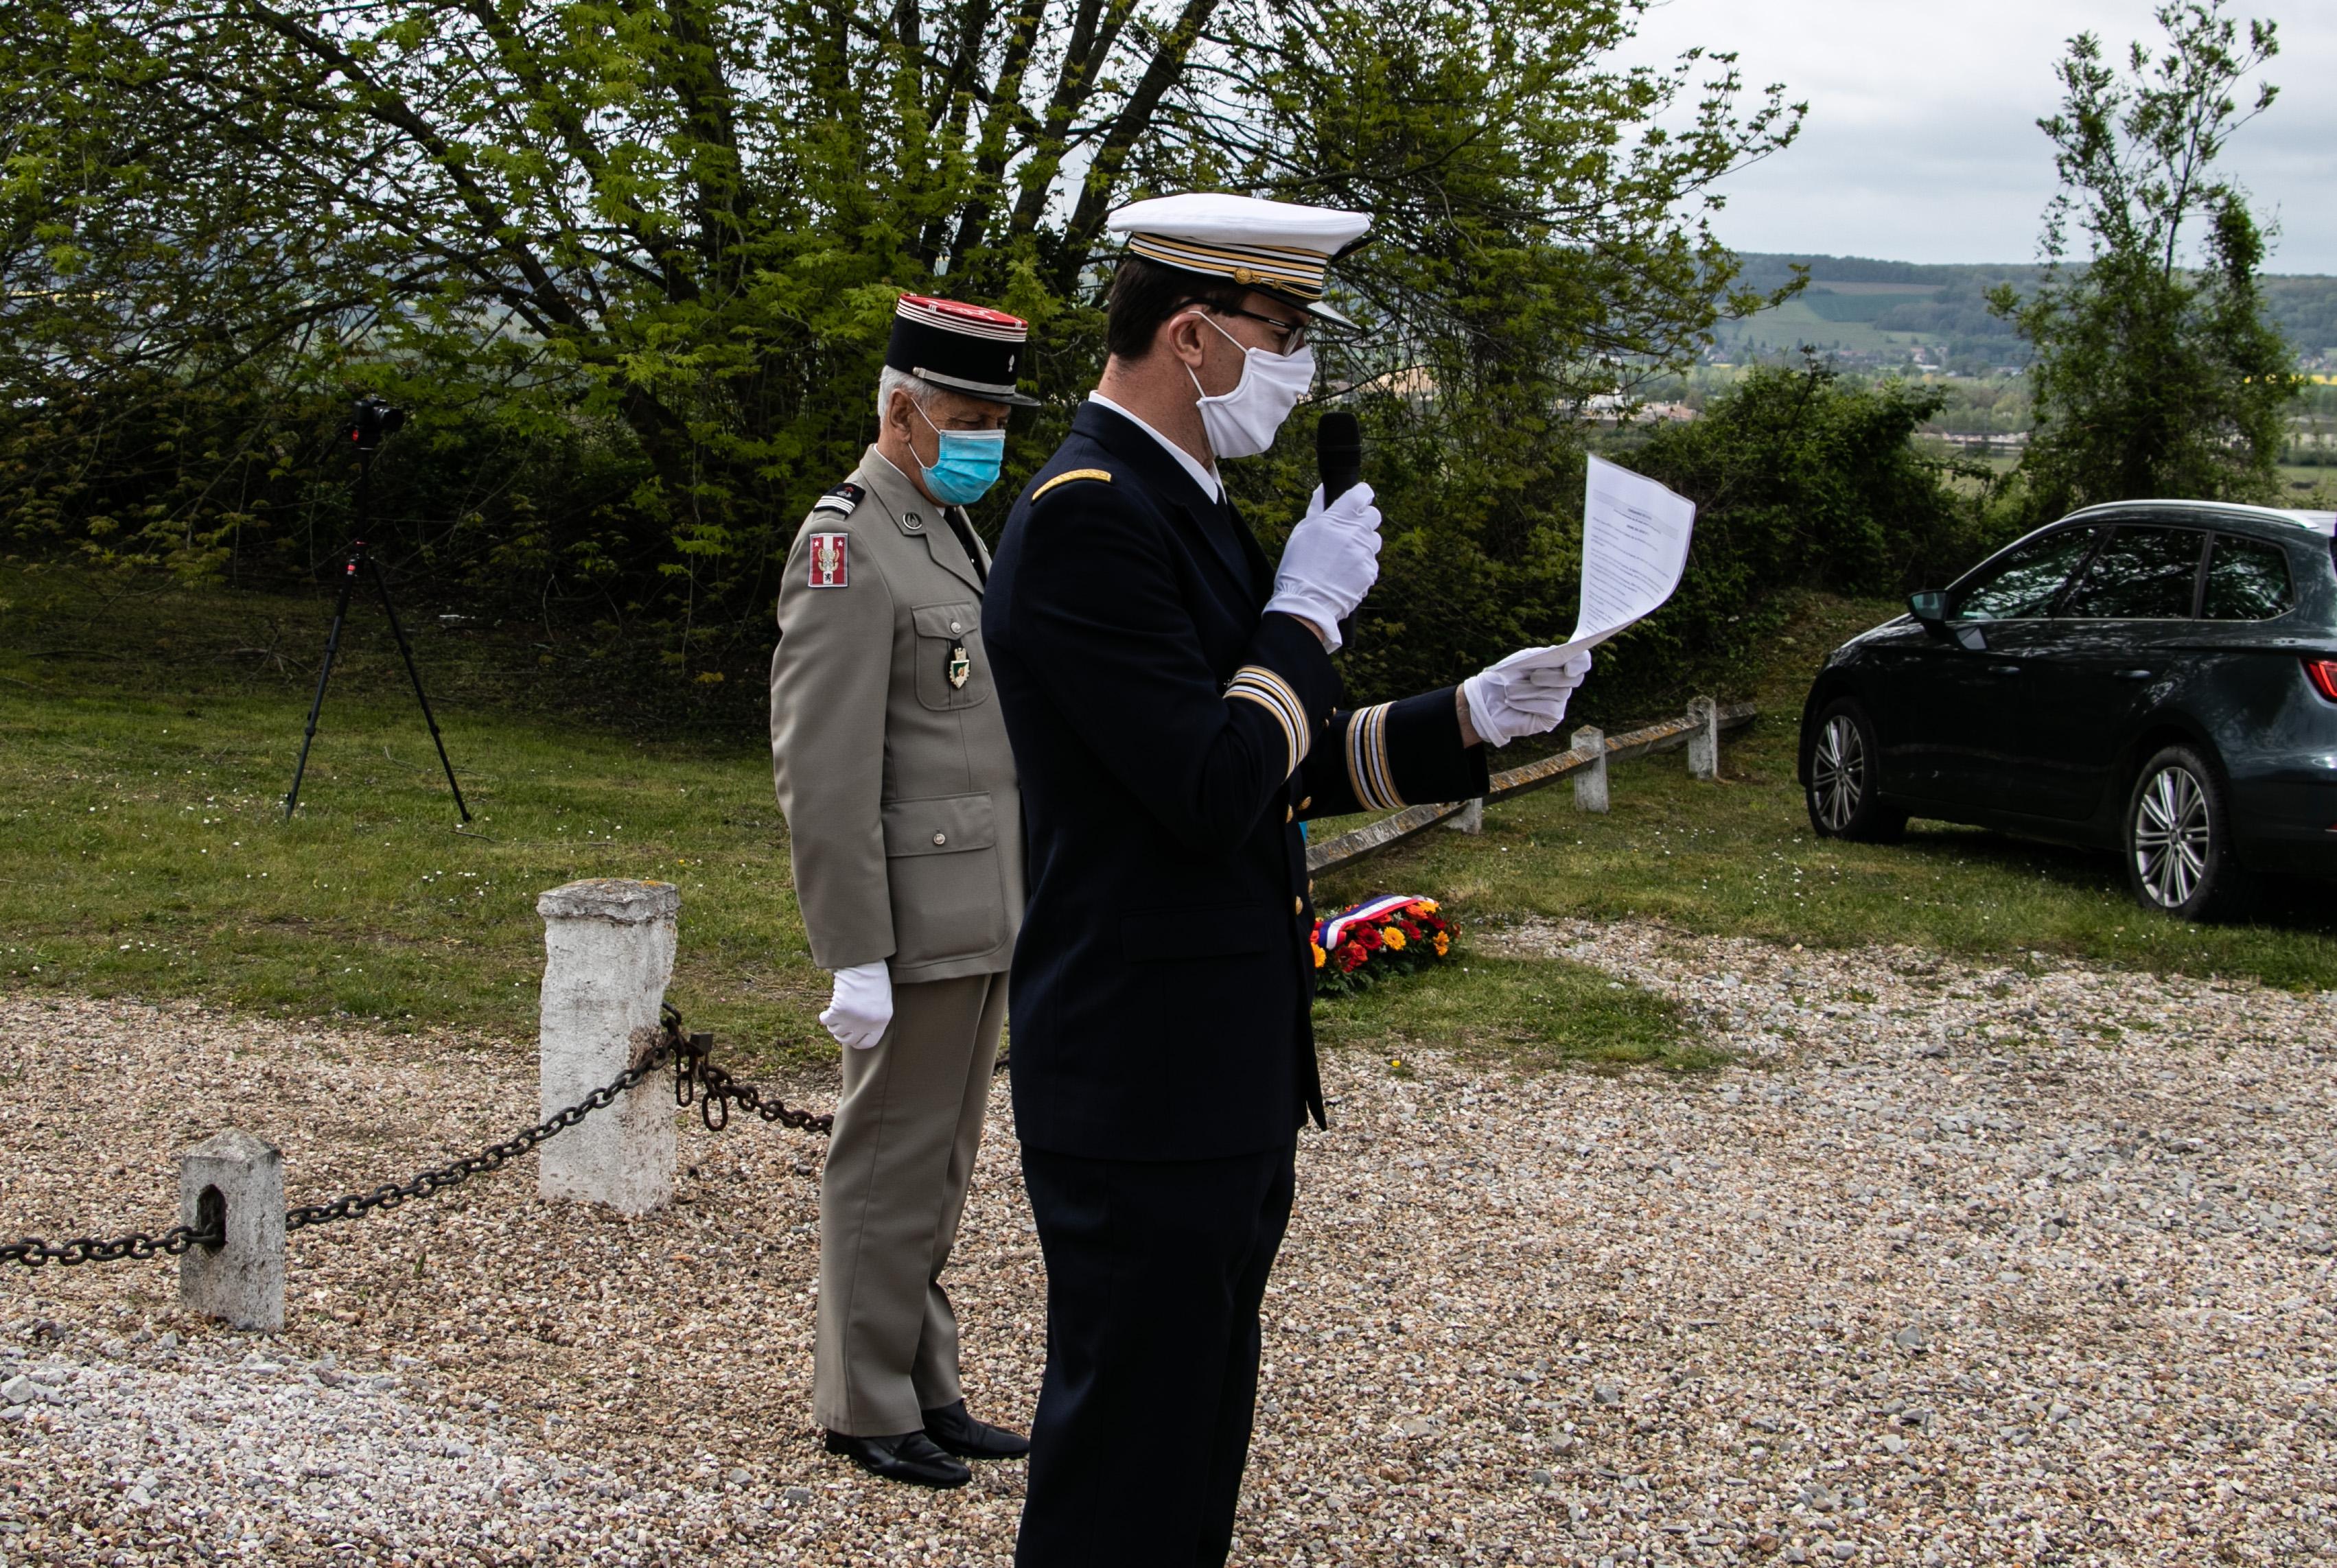 Tournage tricotage entrerprise Maternne à Moreuil photo façade batiment 5 _2 sur 15_.jpg